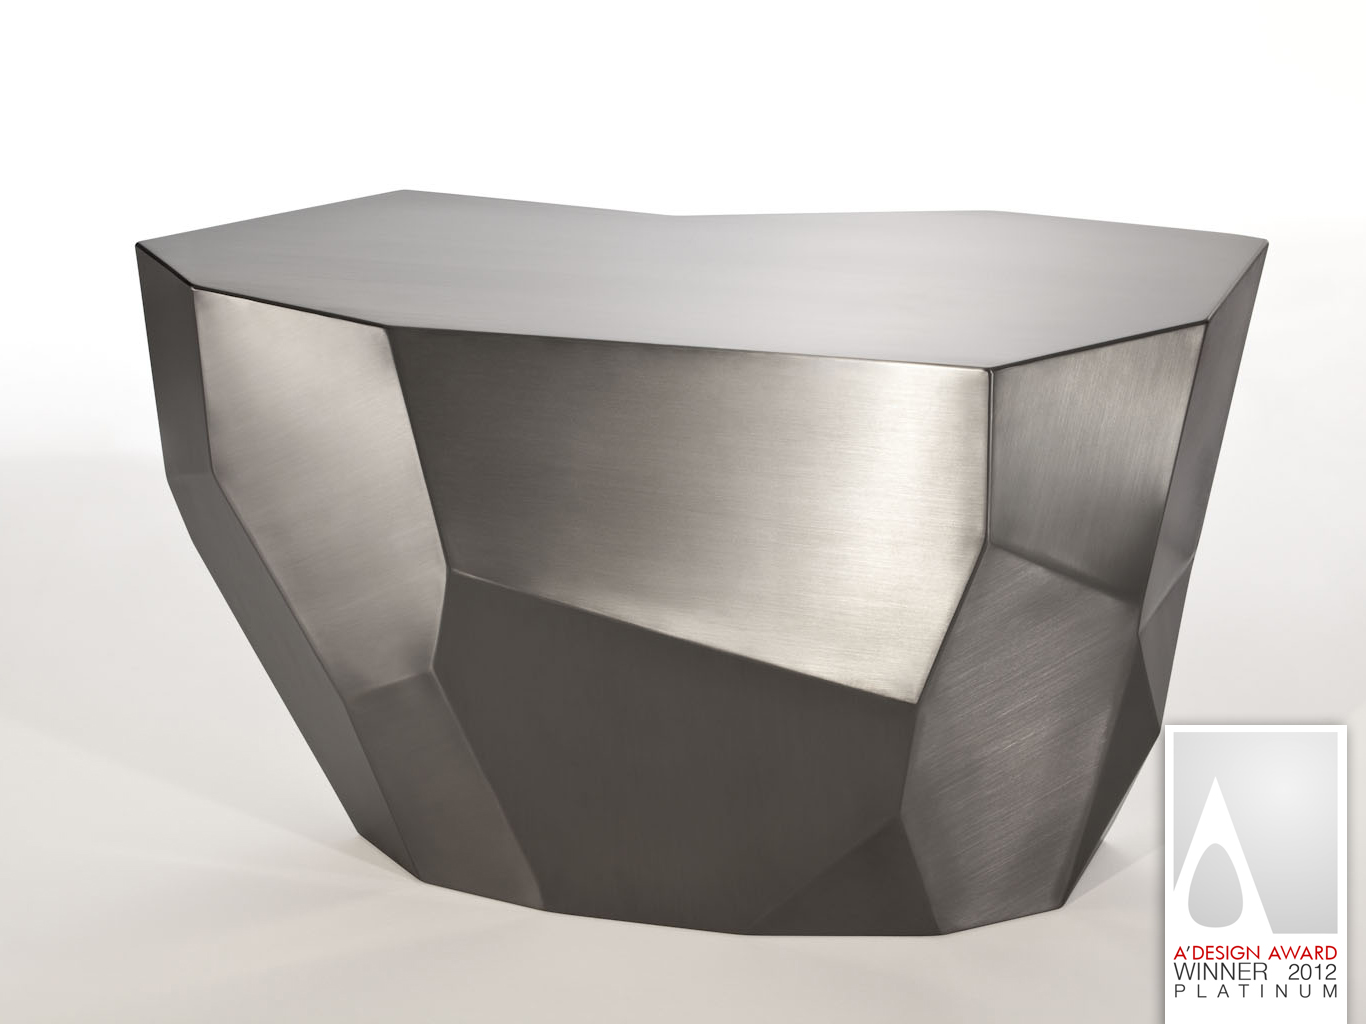 fernanda marques geomorph bench award